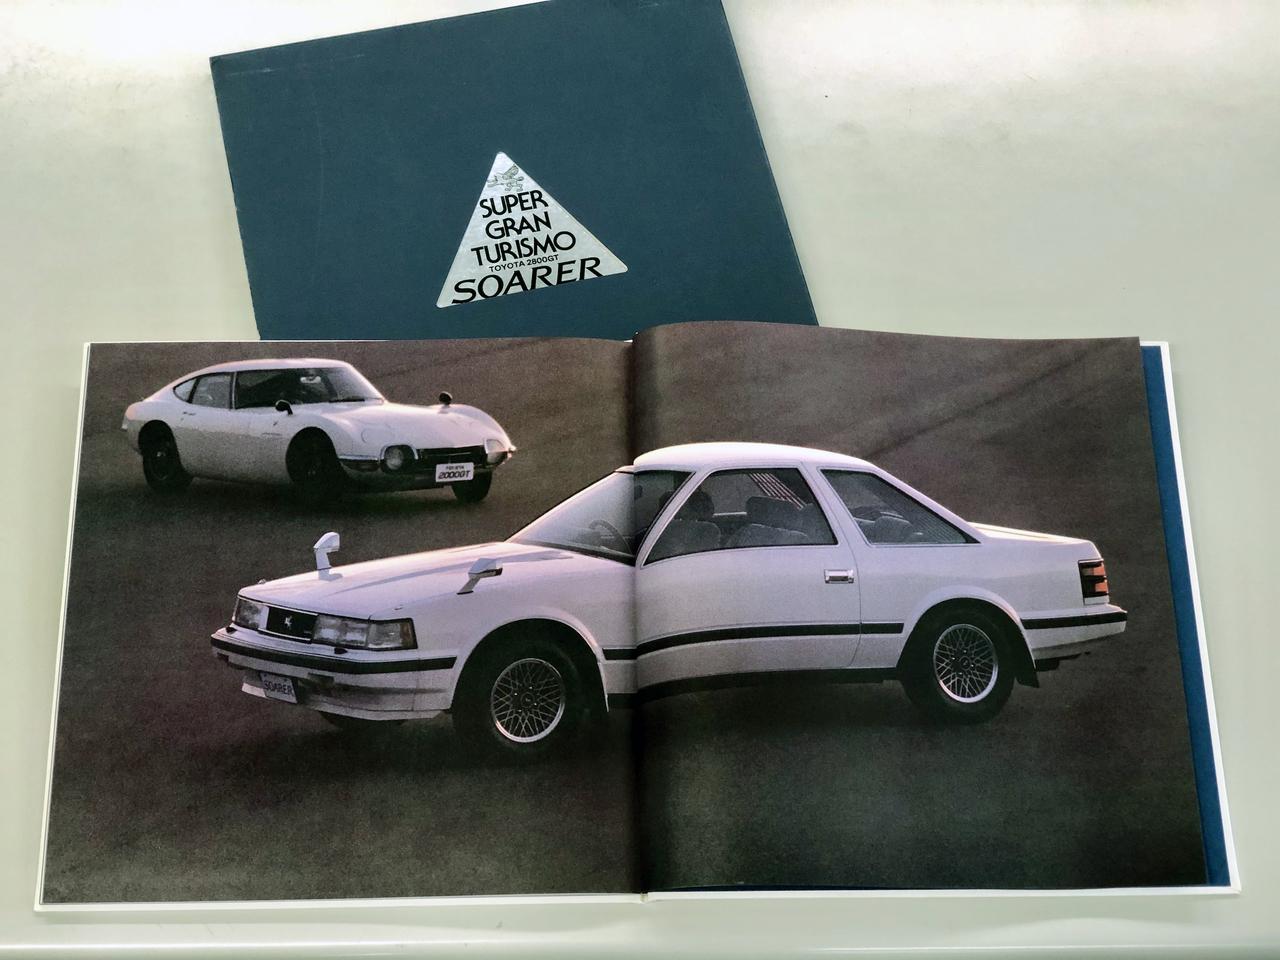 1980年代を象徴する「ハイソカー」の火付け役とも呼ばれるトヨタ ソアラ2800GT(1981年)トヨタ初の高級スペシャルティ・カーとして、1981年に発売。